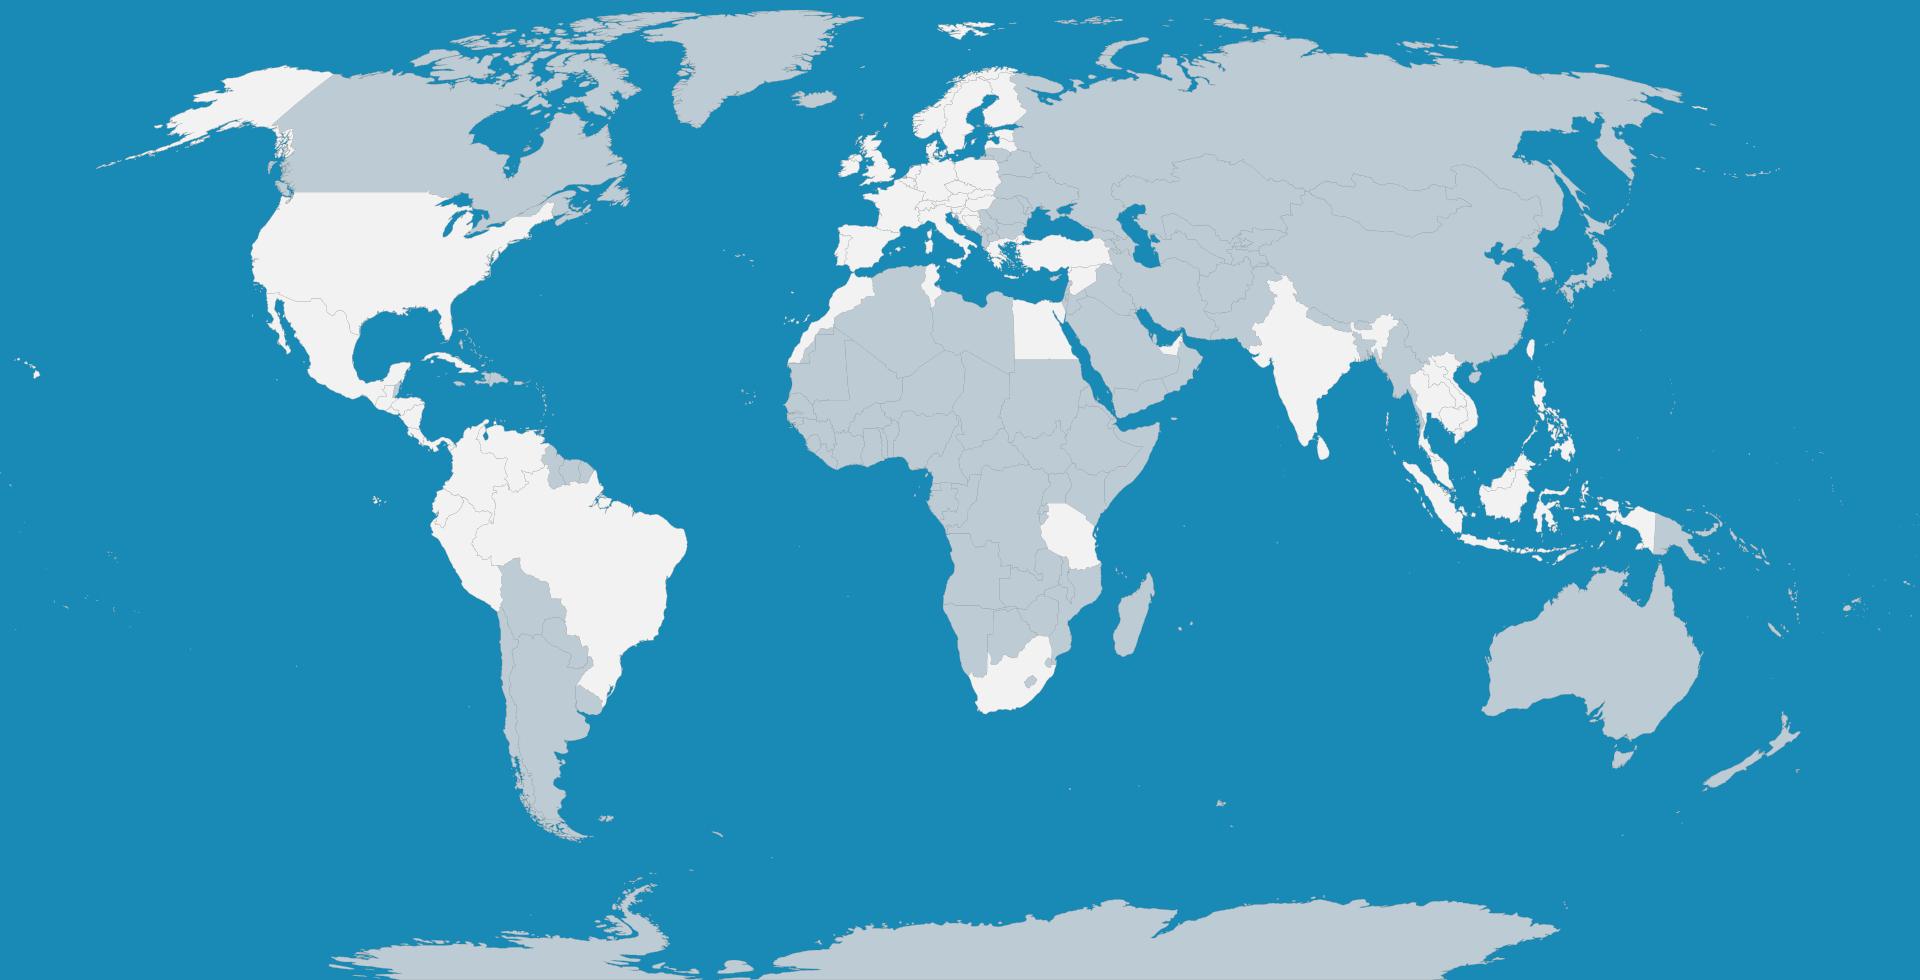 Wo ich schon war – Weltkarte